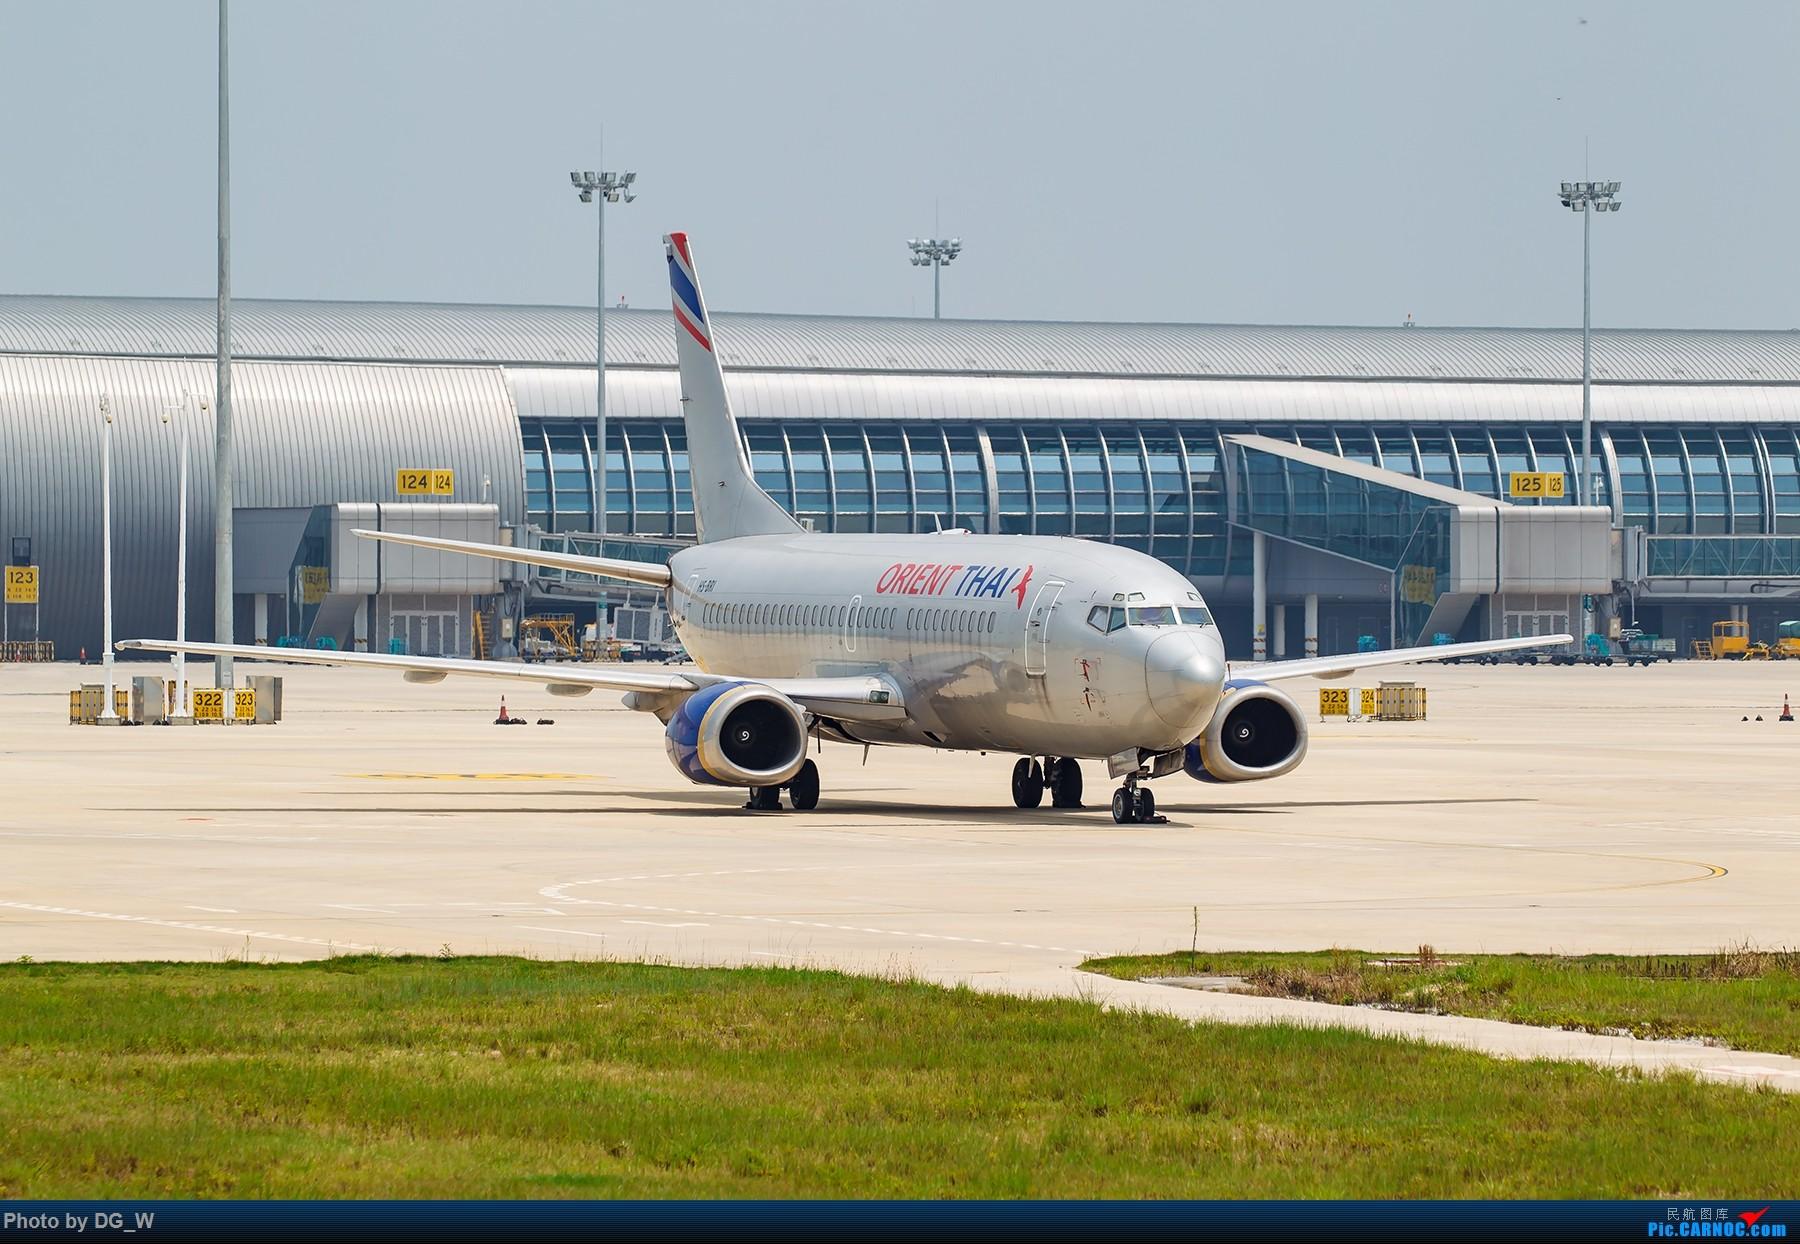 Re:[原创]【南宁飞友】重度拖延症-北部湾航空A320首航拍机 BOEING 737-300 HS-BRI 中国南宁吴圩国际机场